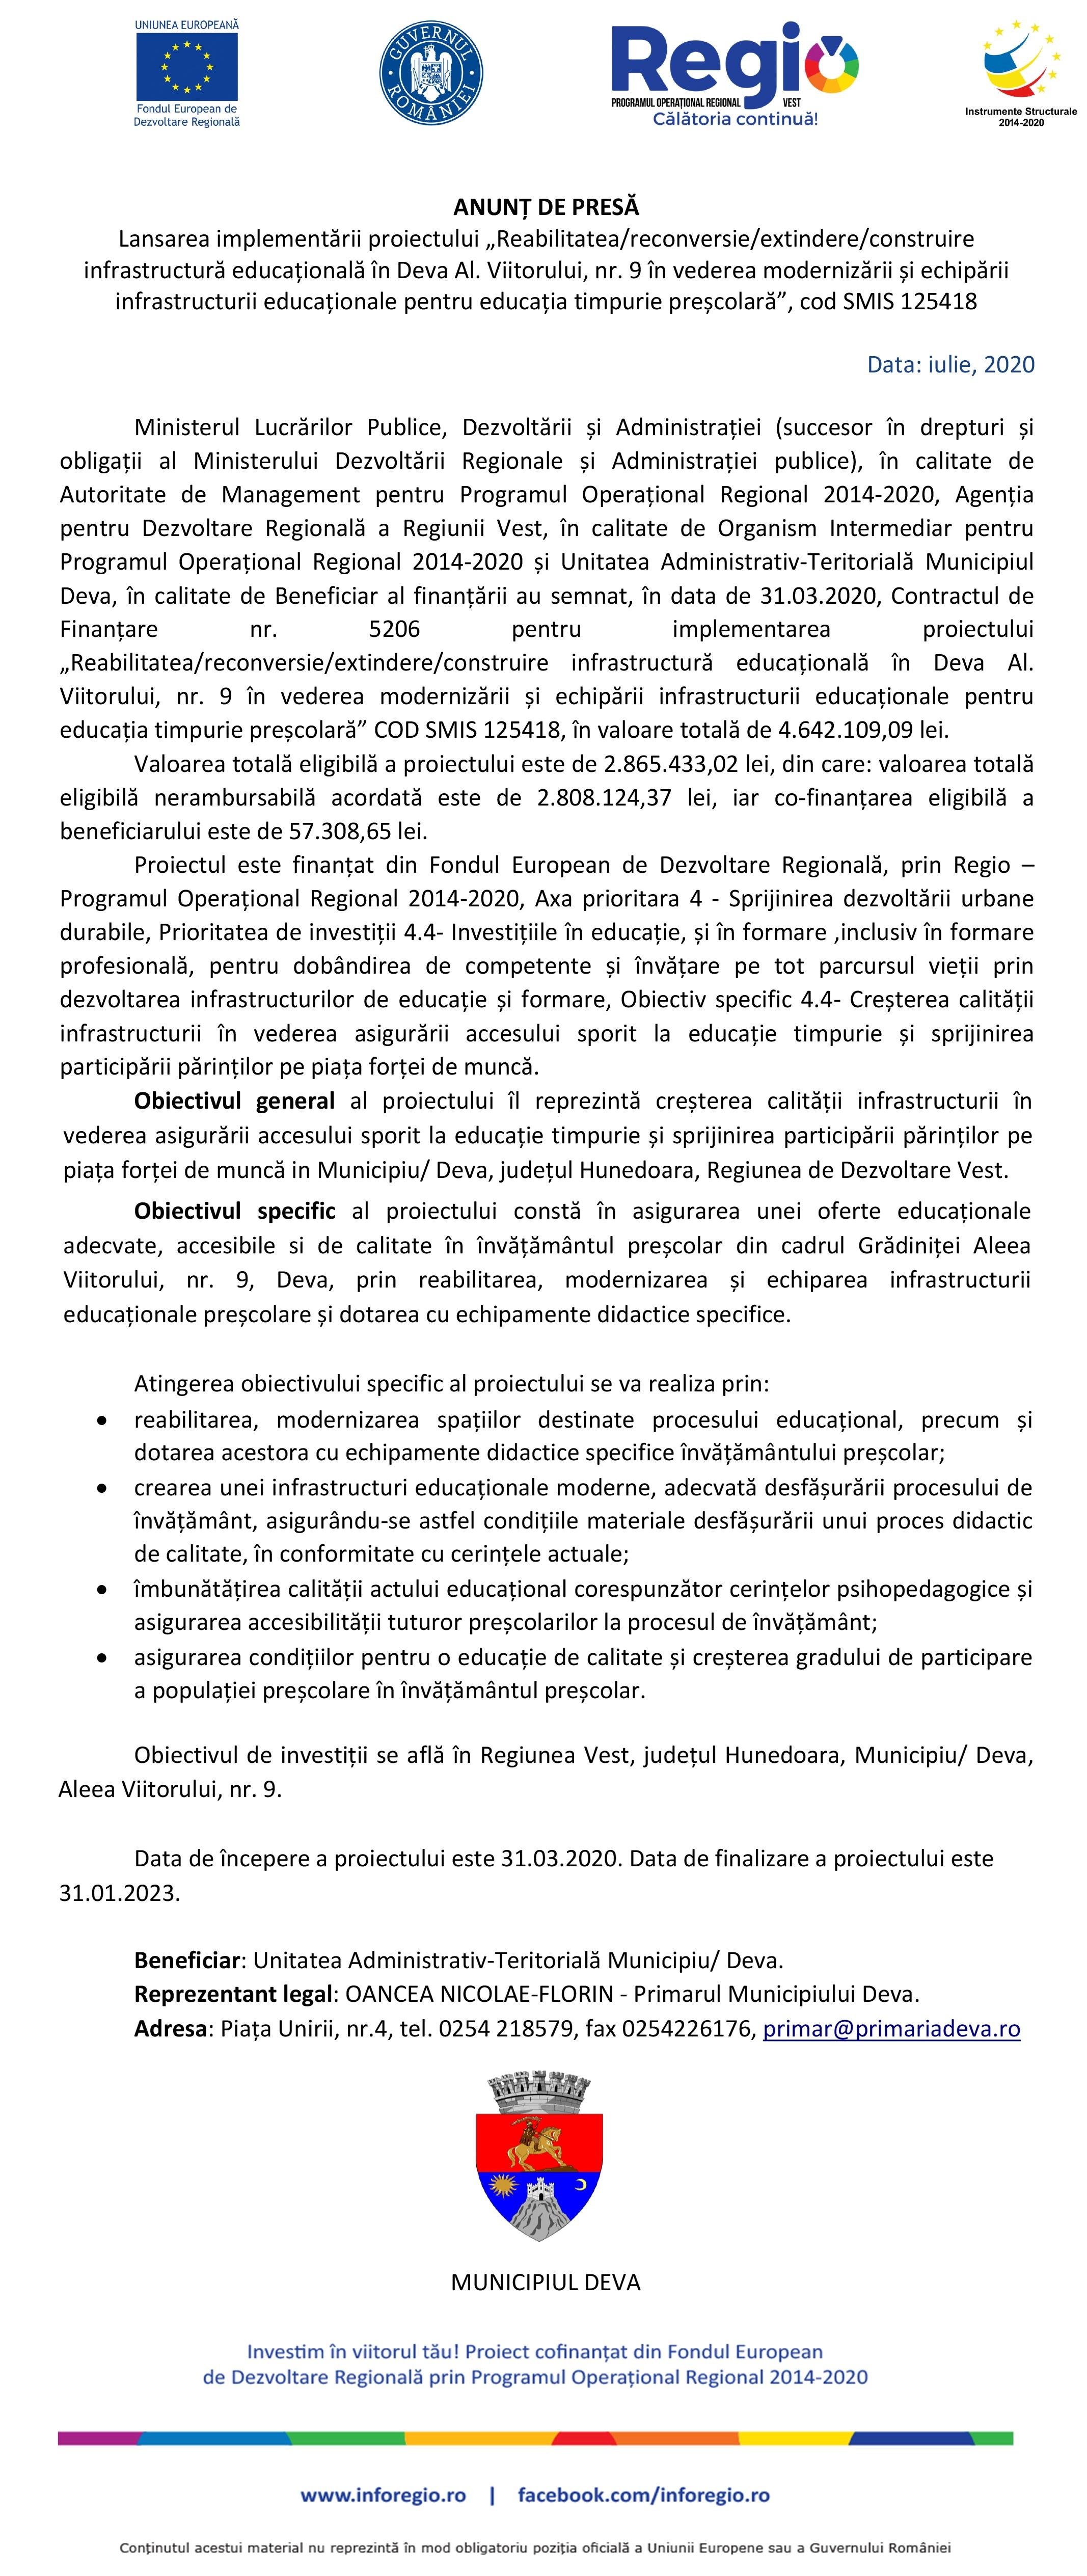 """ANUNȚ DE PRESĂ: Lansarea implementării proiectului """"Reabilitatea/reconversie/extindere/construire infrastructură educațională în Deva – Al. Viitorului, nr. 9 în vederea modernizării și echipării infrastructurii educaționale pentru educația timpurie preșcolară"""""""